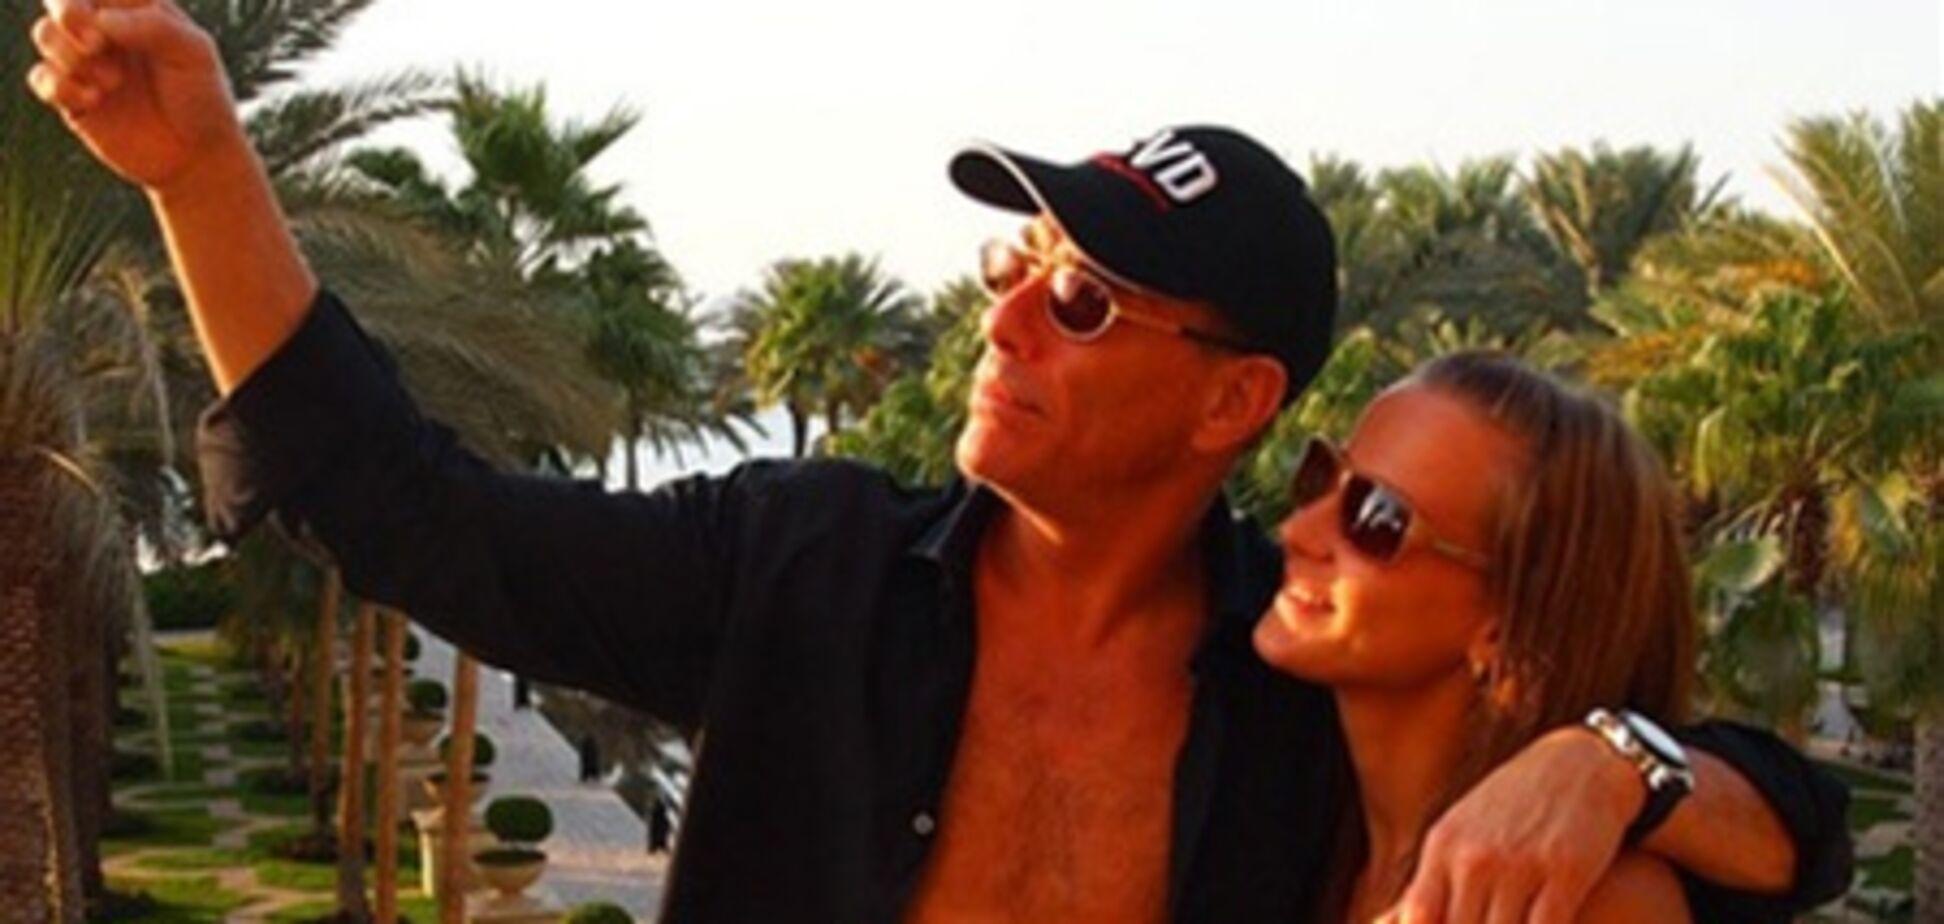 Украинская любовница Ван Дамма выложила в сеть сексуальные фото